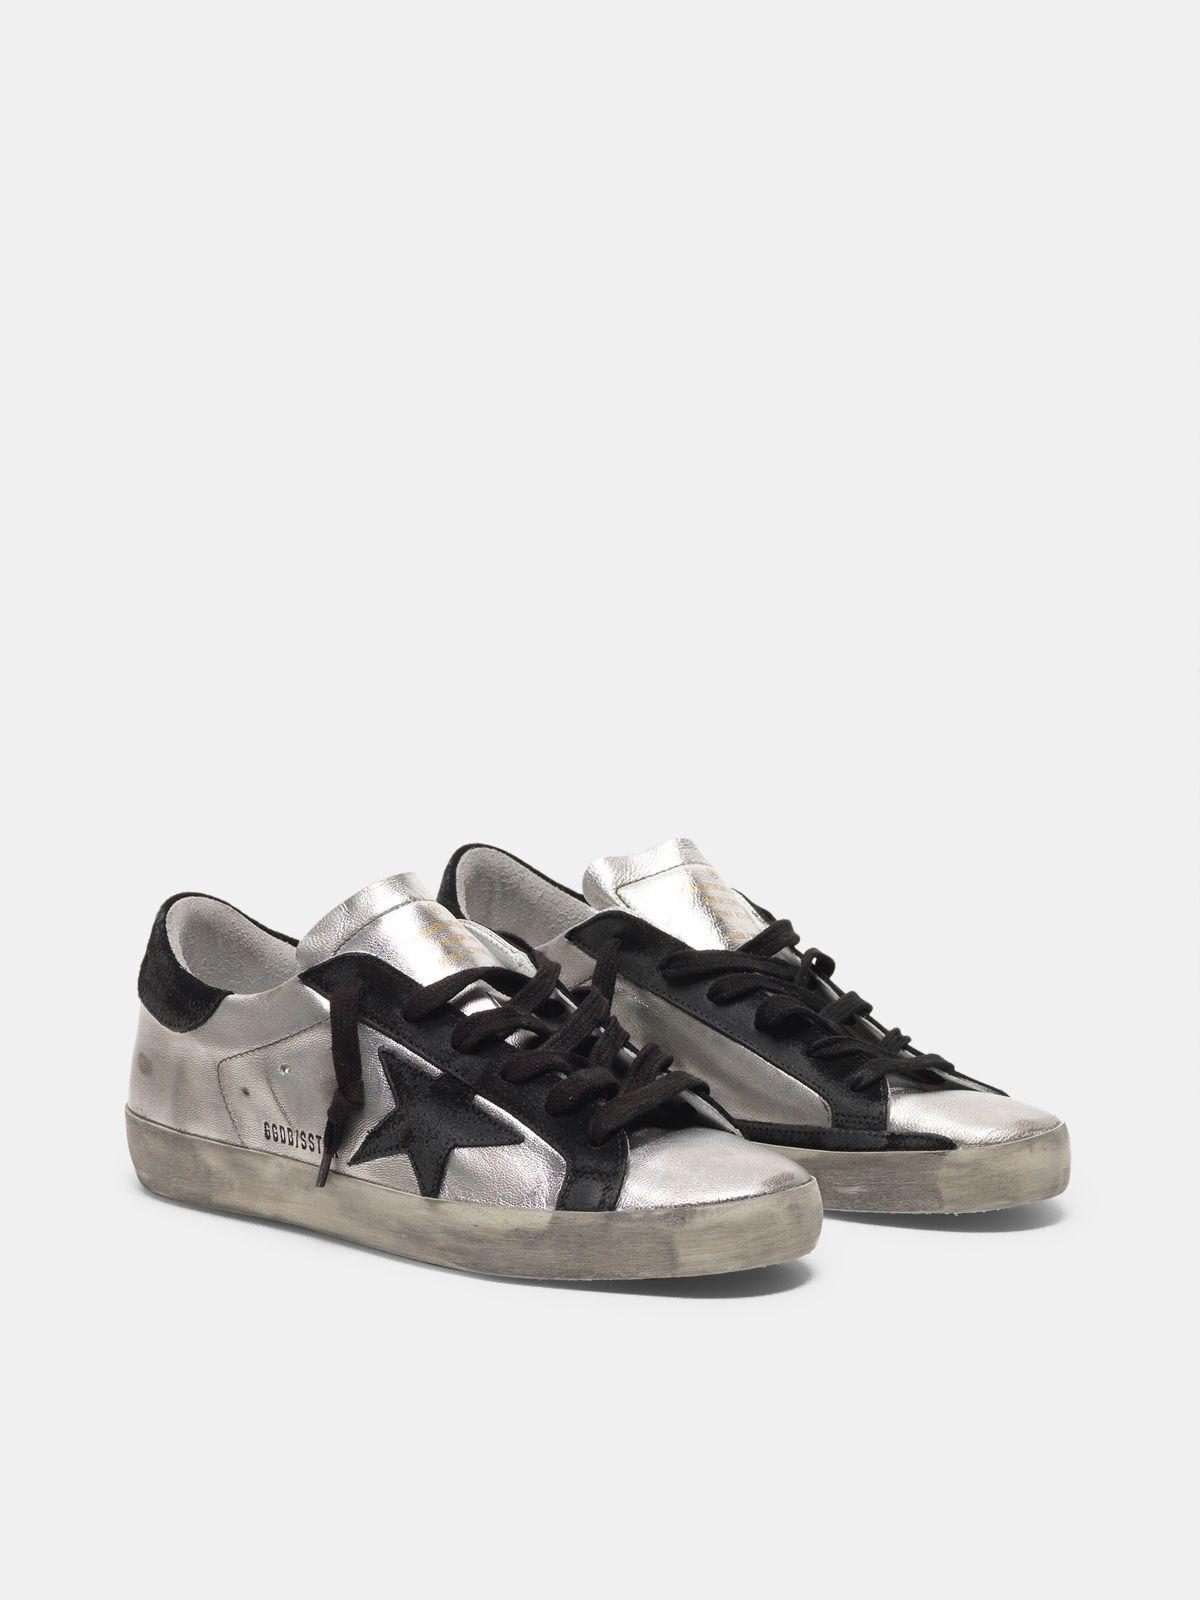 Golden Goose - Sneakers Super-Star in pelle argentata con inserti a contrasto in